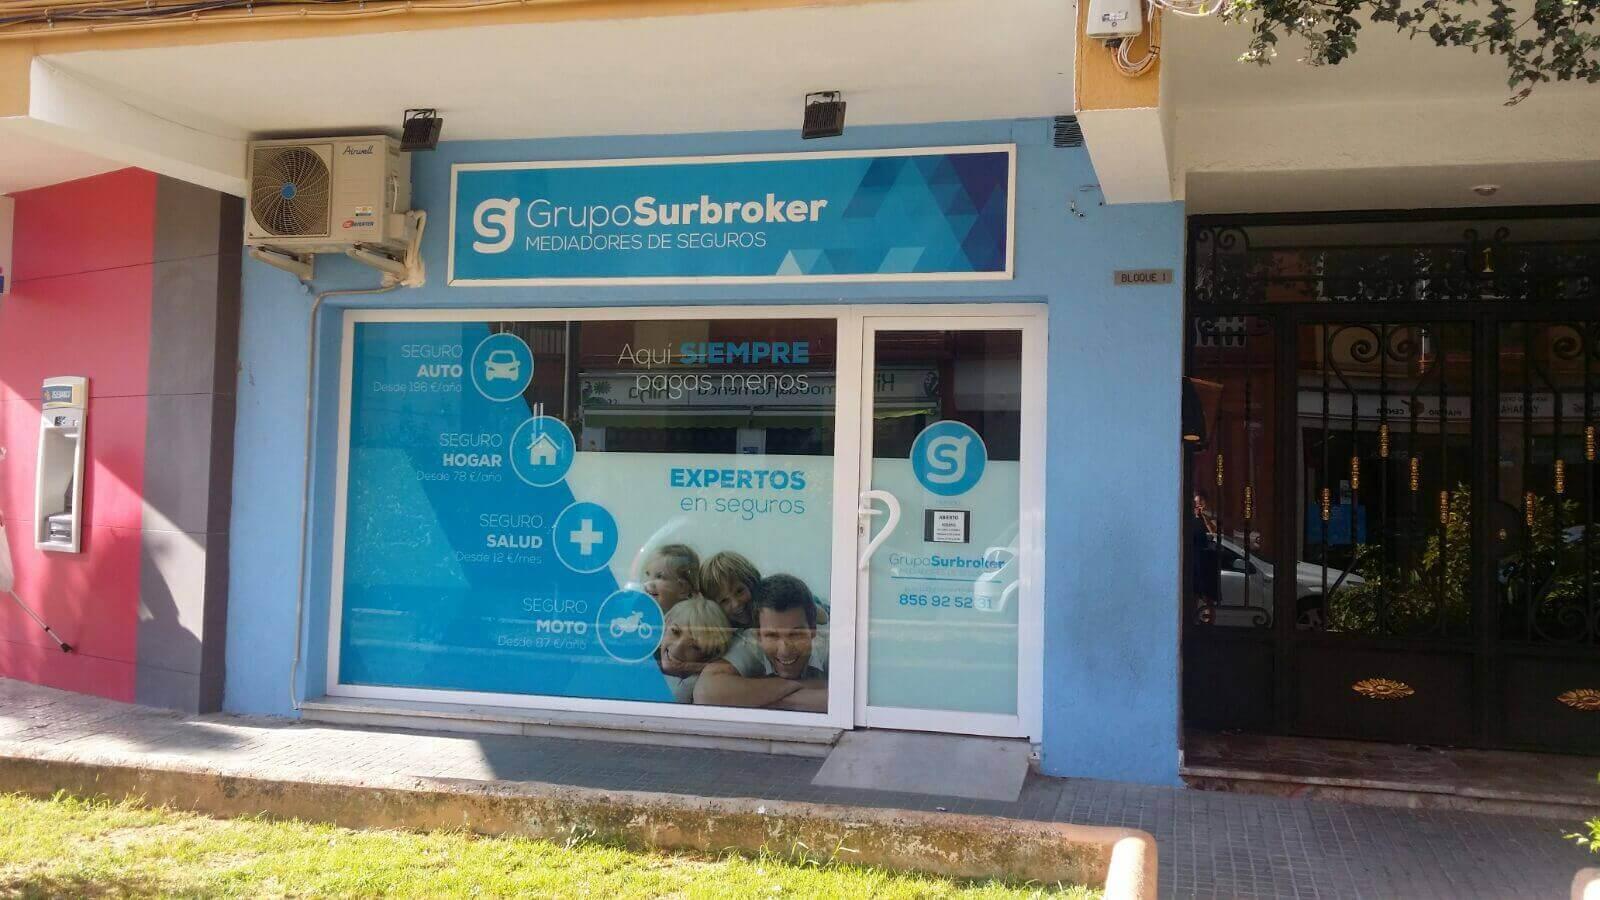 Oficina de Grupo Surbroker Mediadores de Seguros en El Puerto de Santa María